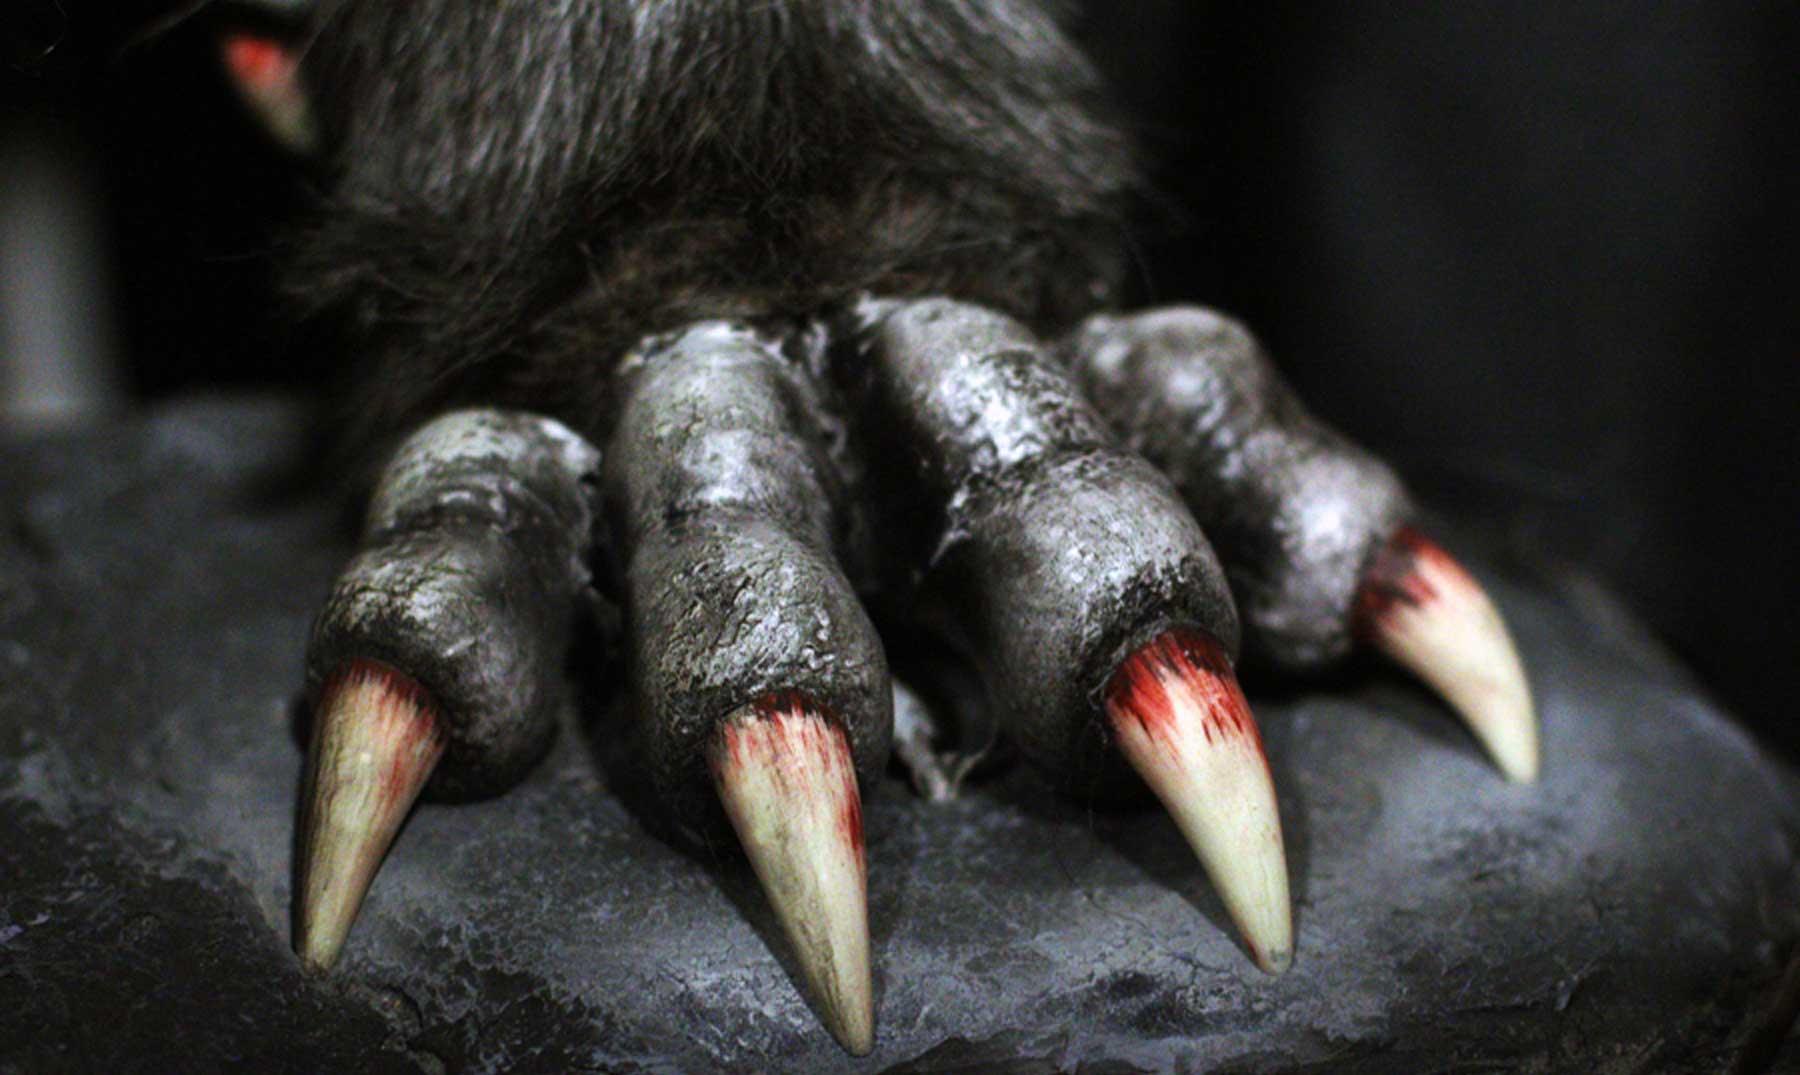 ¿Cuándo y dónde surge la leyenda del Hombre Lobo?